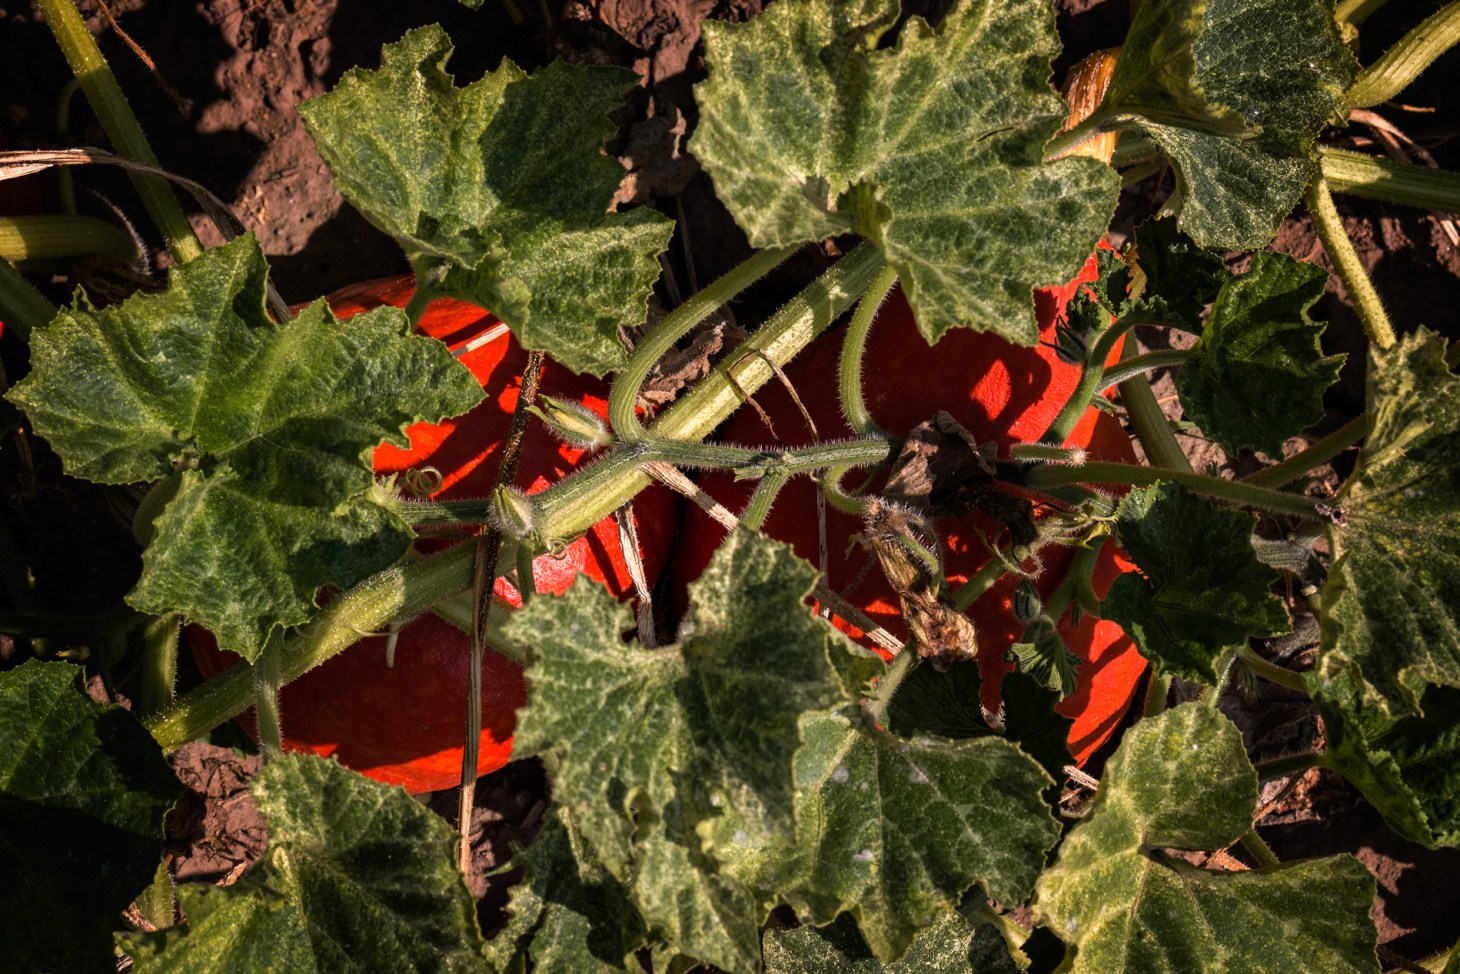 Hokkaidokürbisse unter Blättern